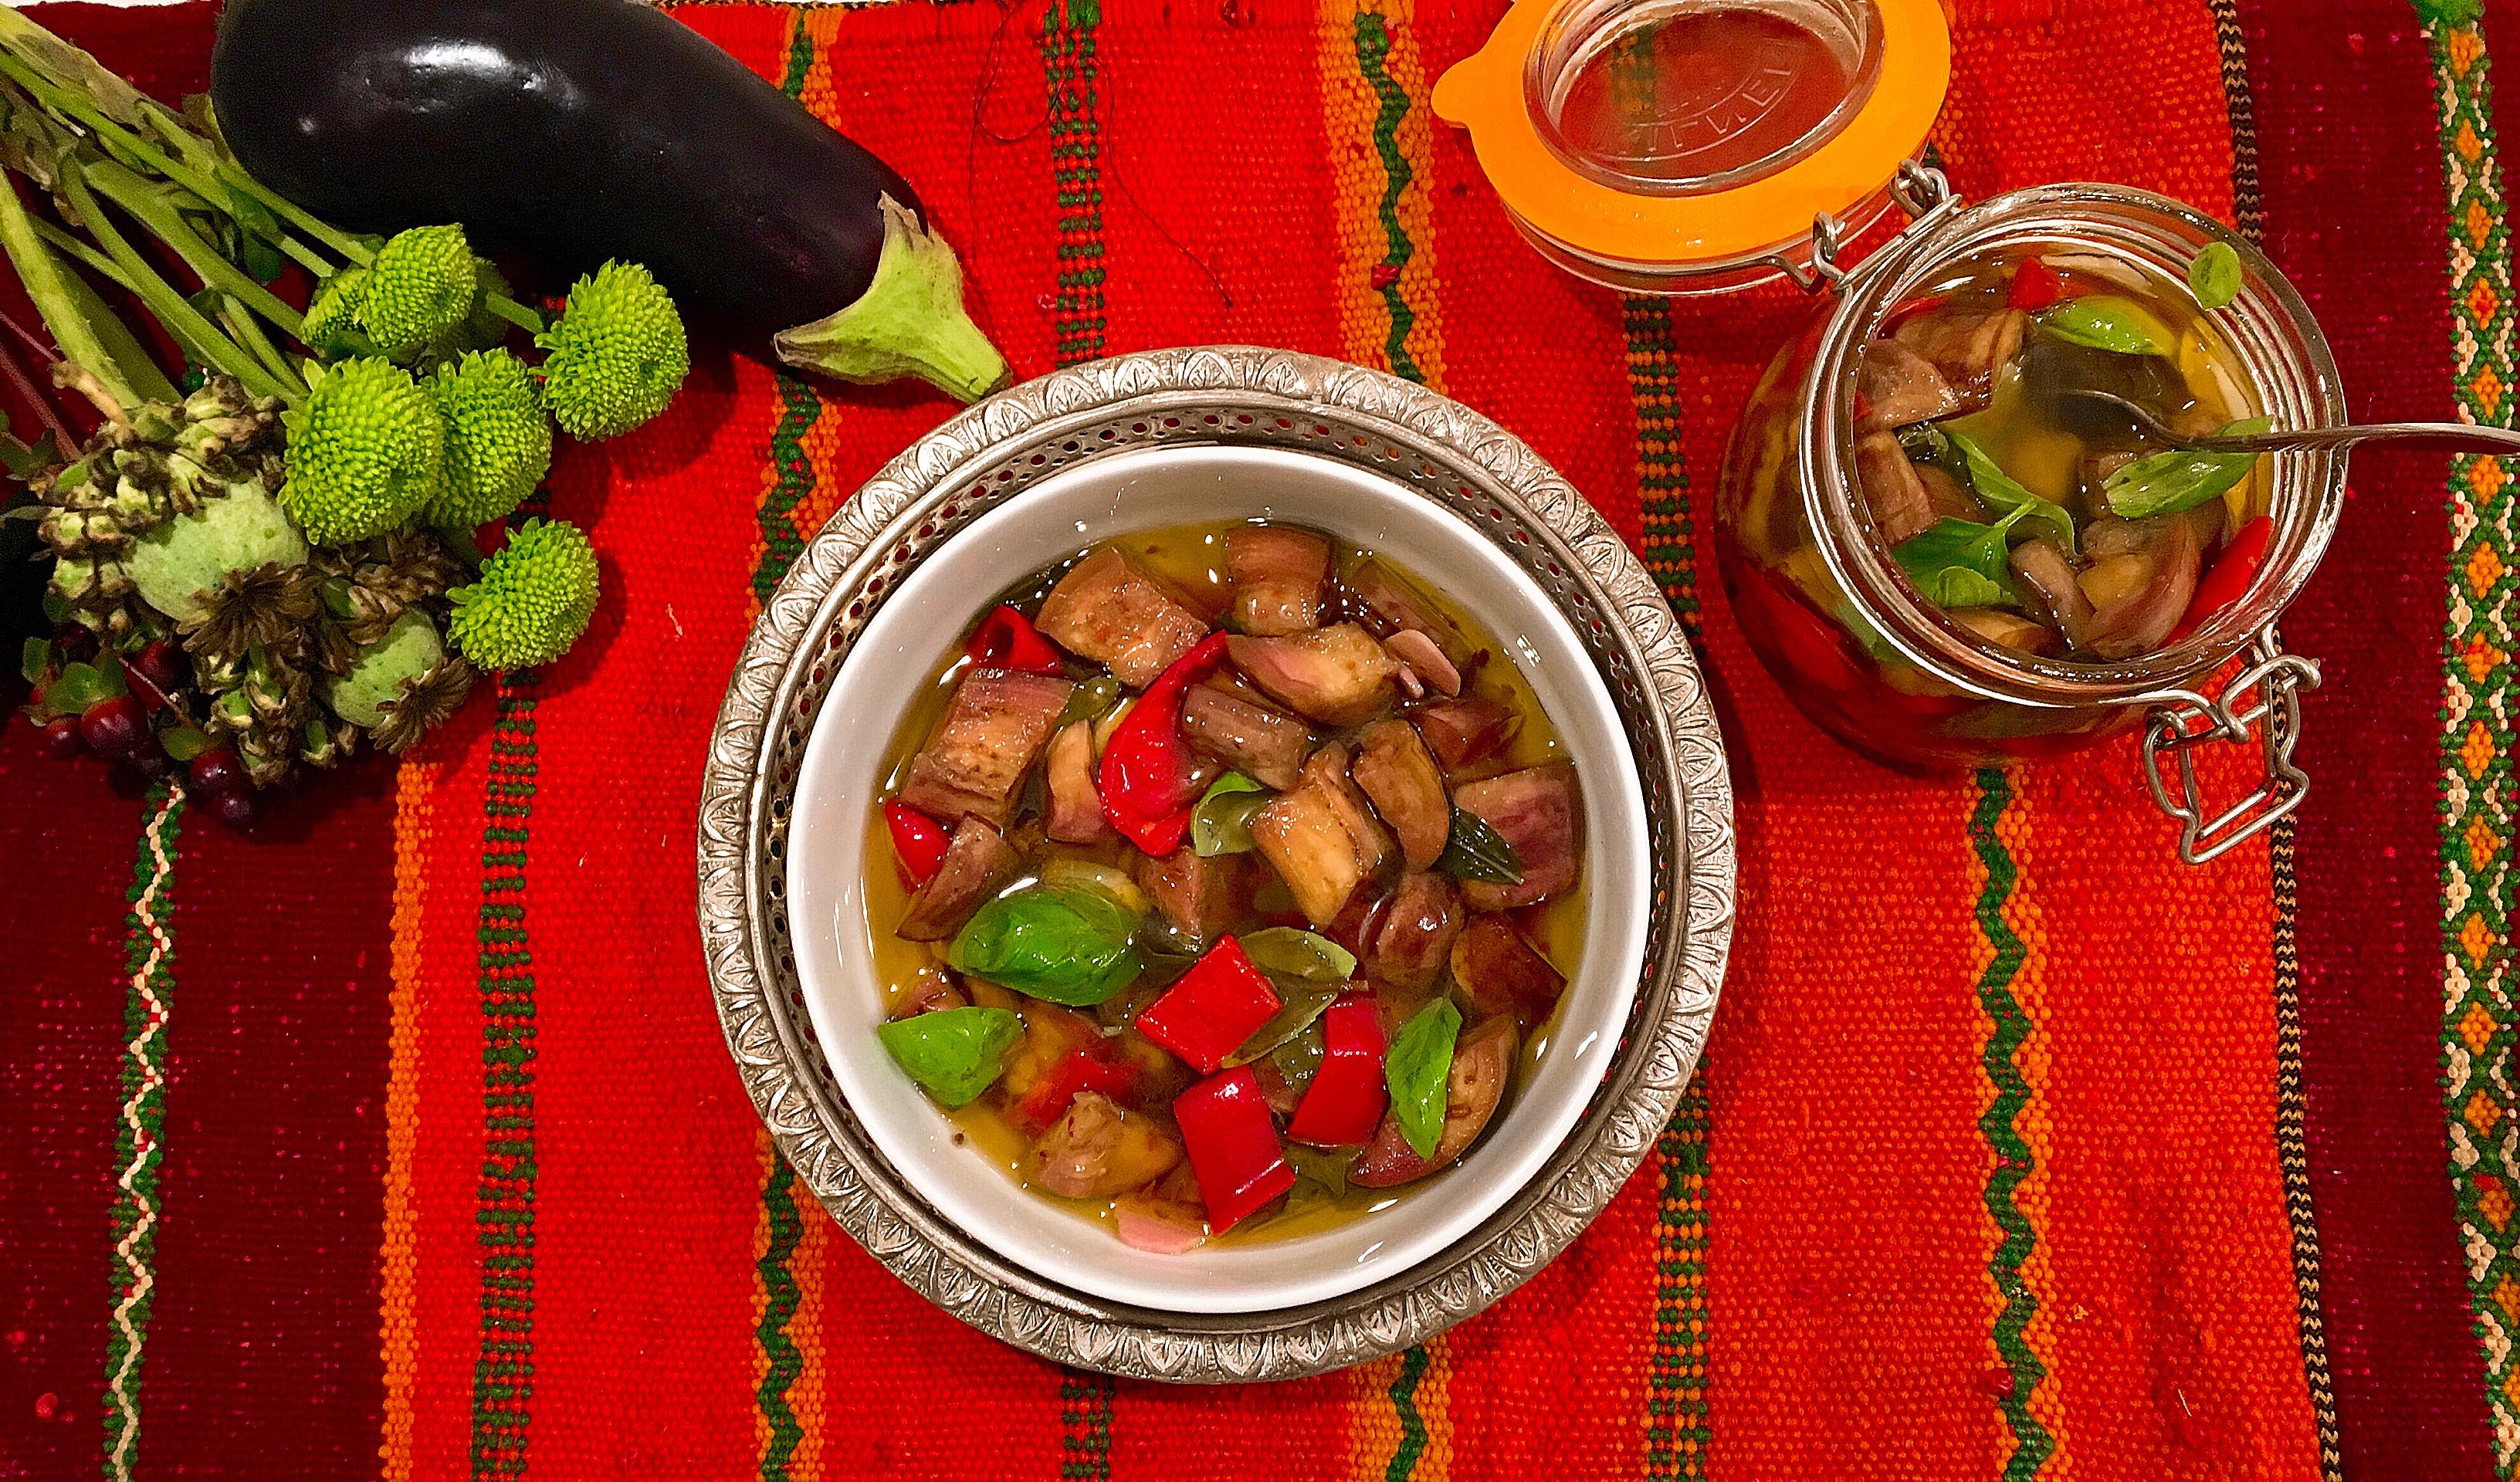 Pickles d'aubergine au poivron et à l'ail